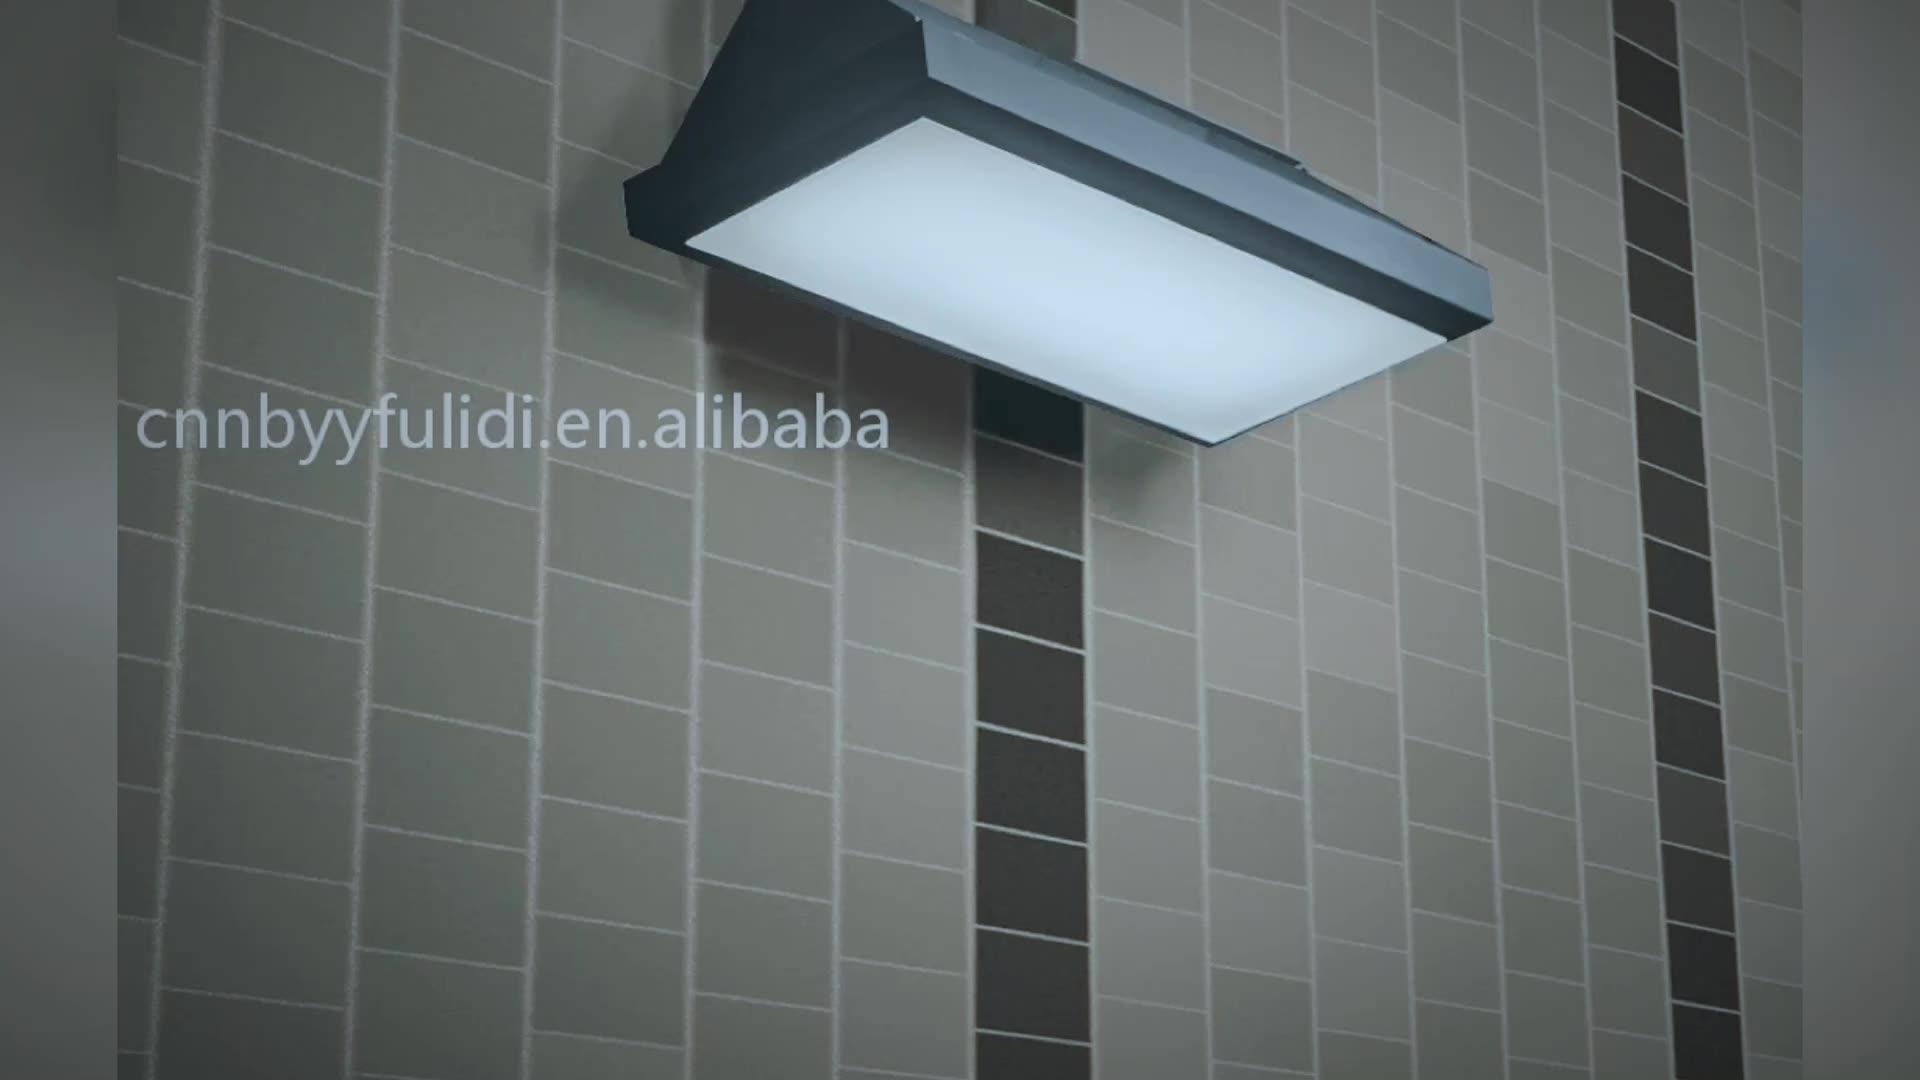 PW2651 класс водо-и пыленепроницаемости: настенный светильник наружное светодиодное освещение стены